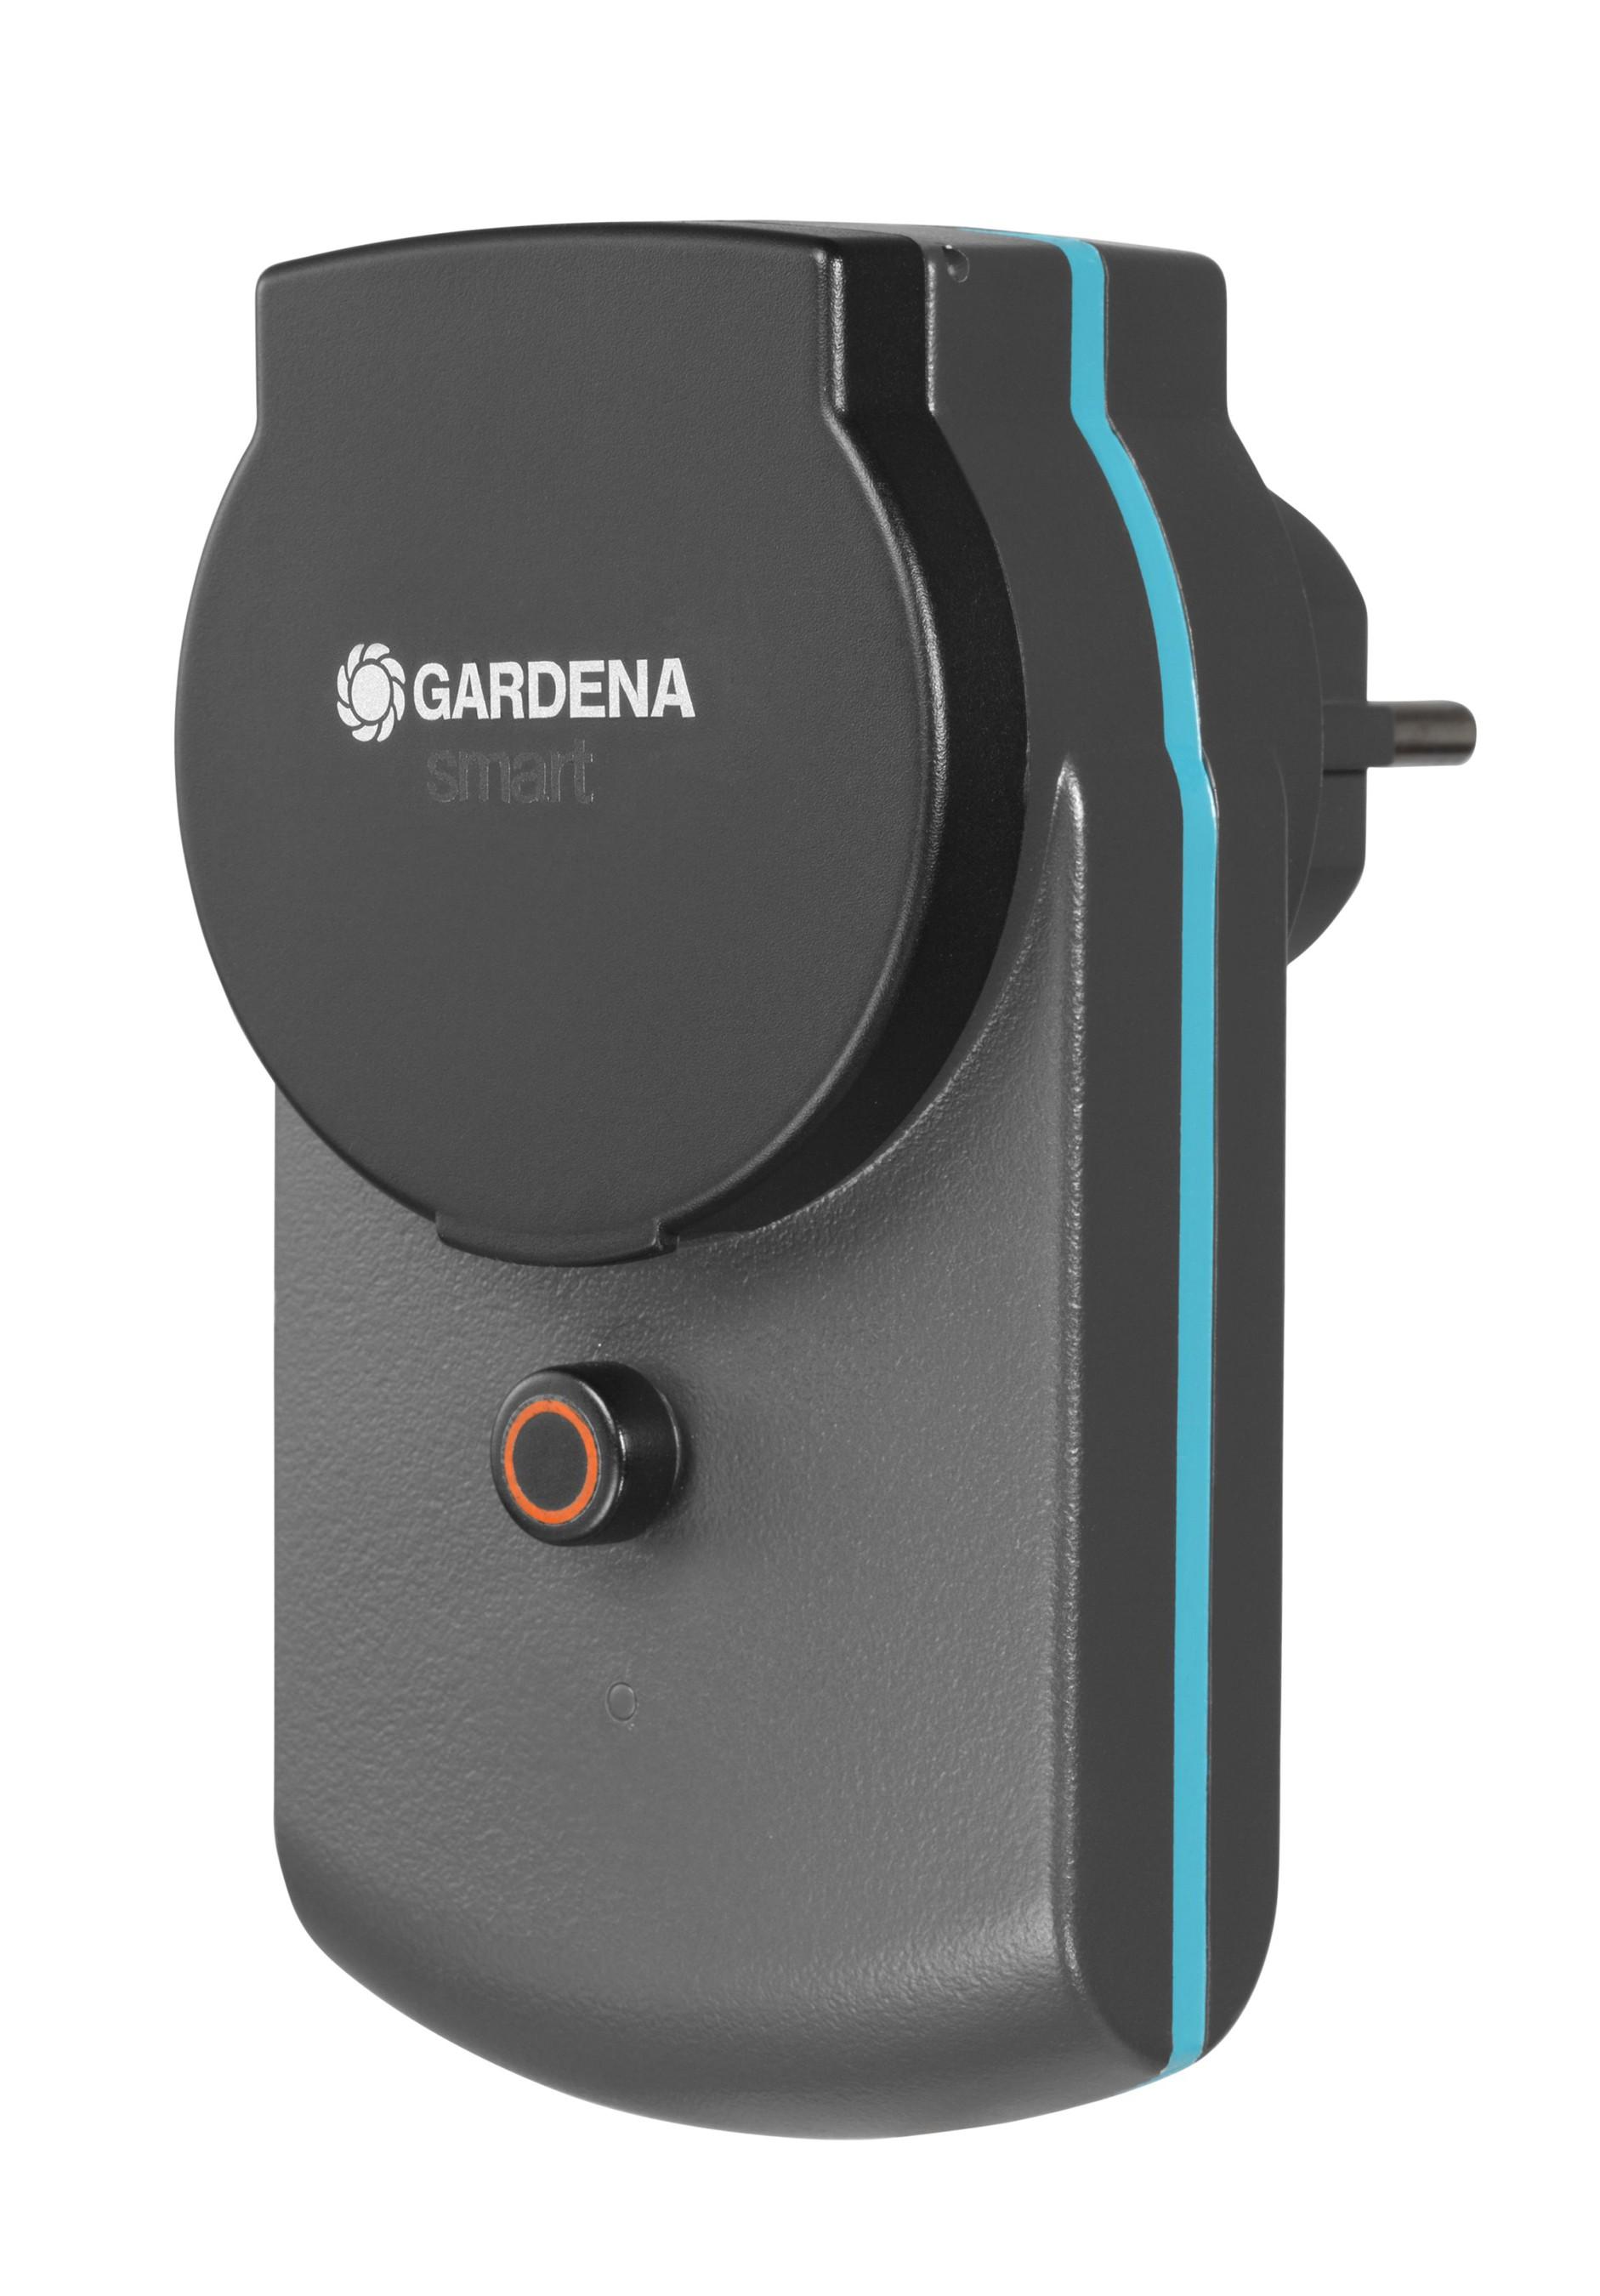 GARDENA Smart System Smart Power Zwischenstecker 19095-20 Bild 1